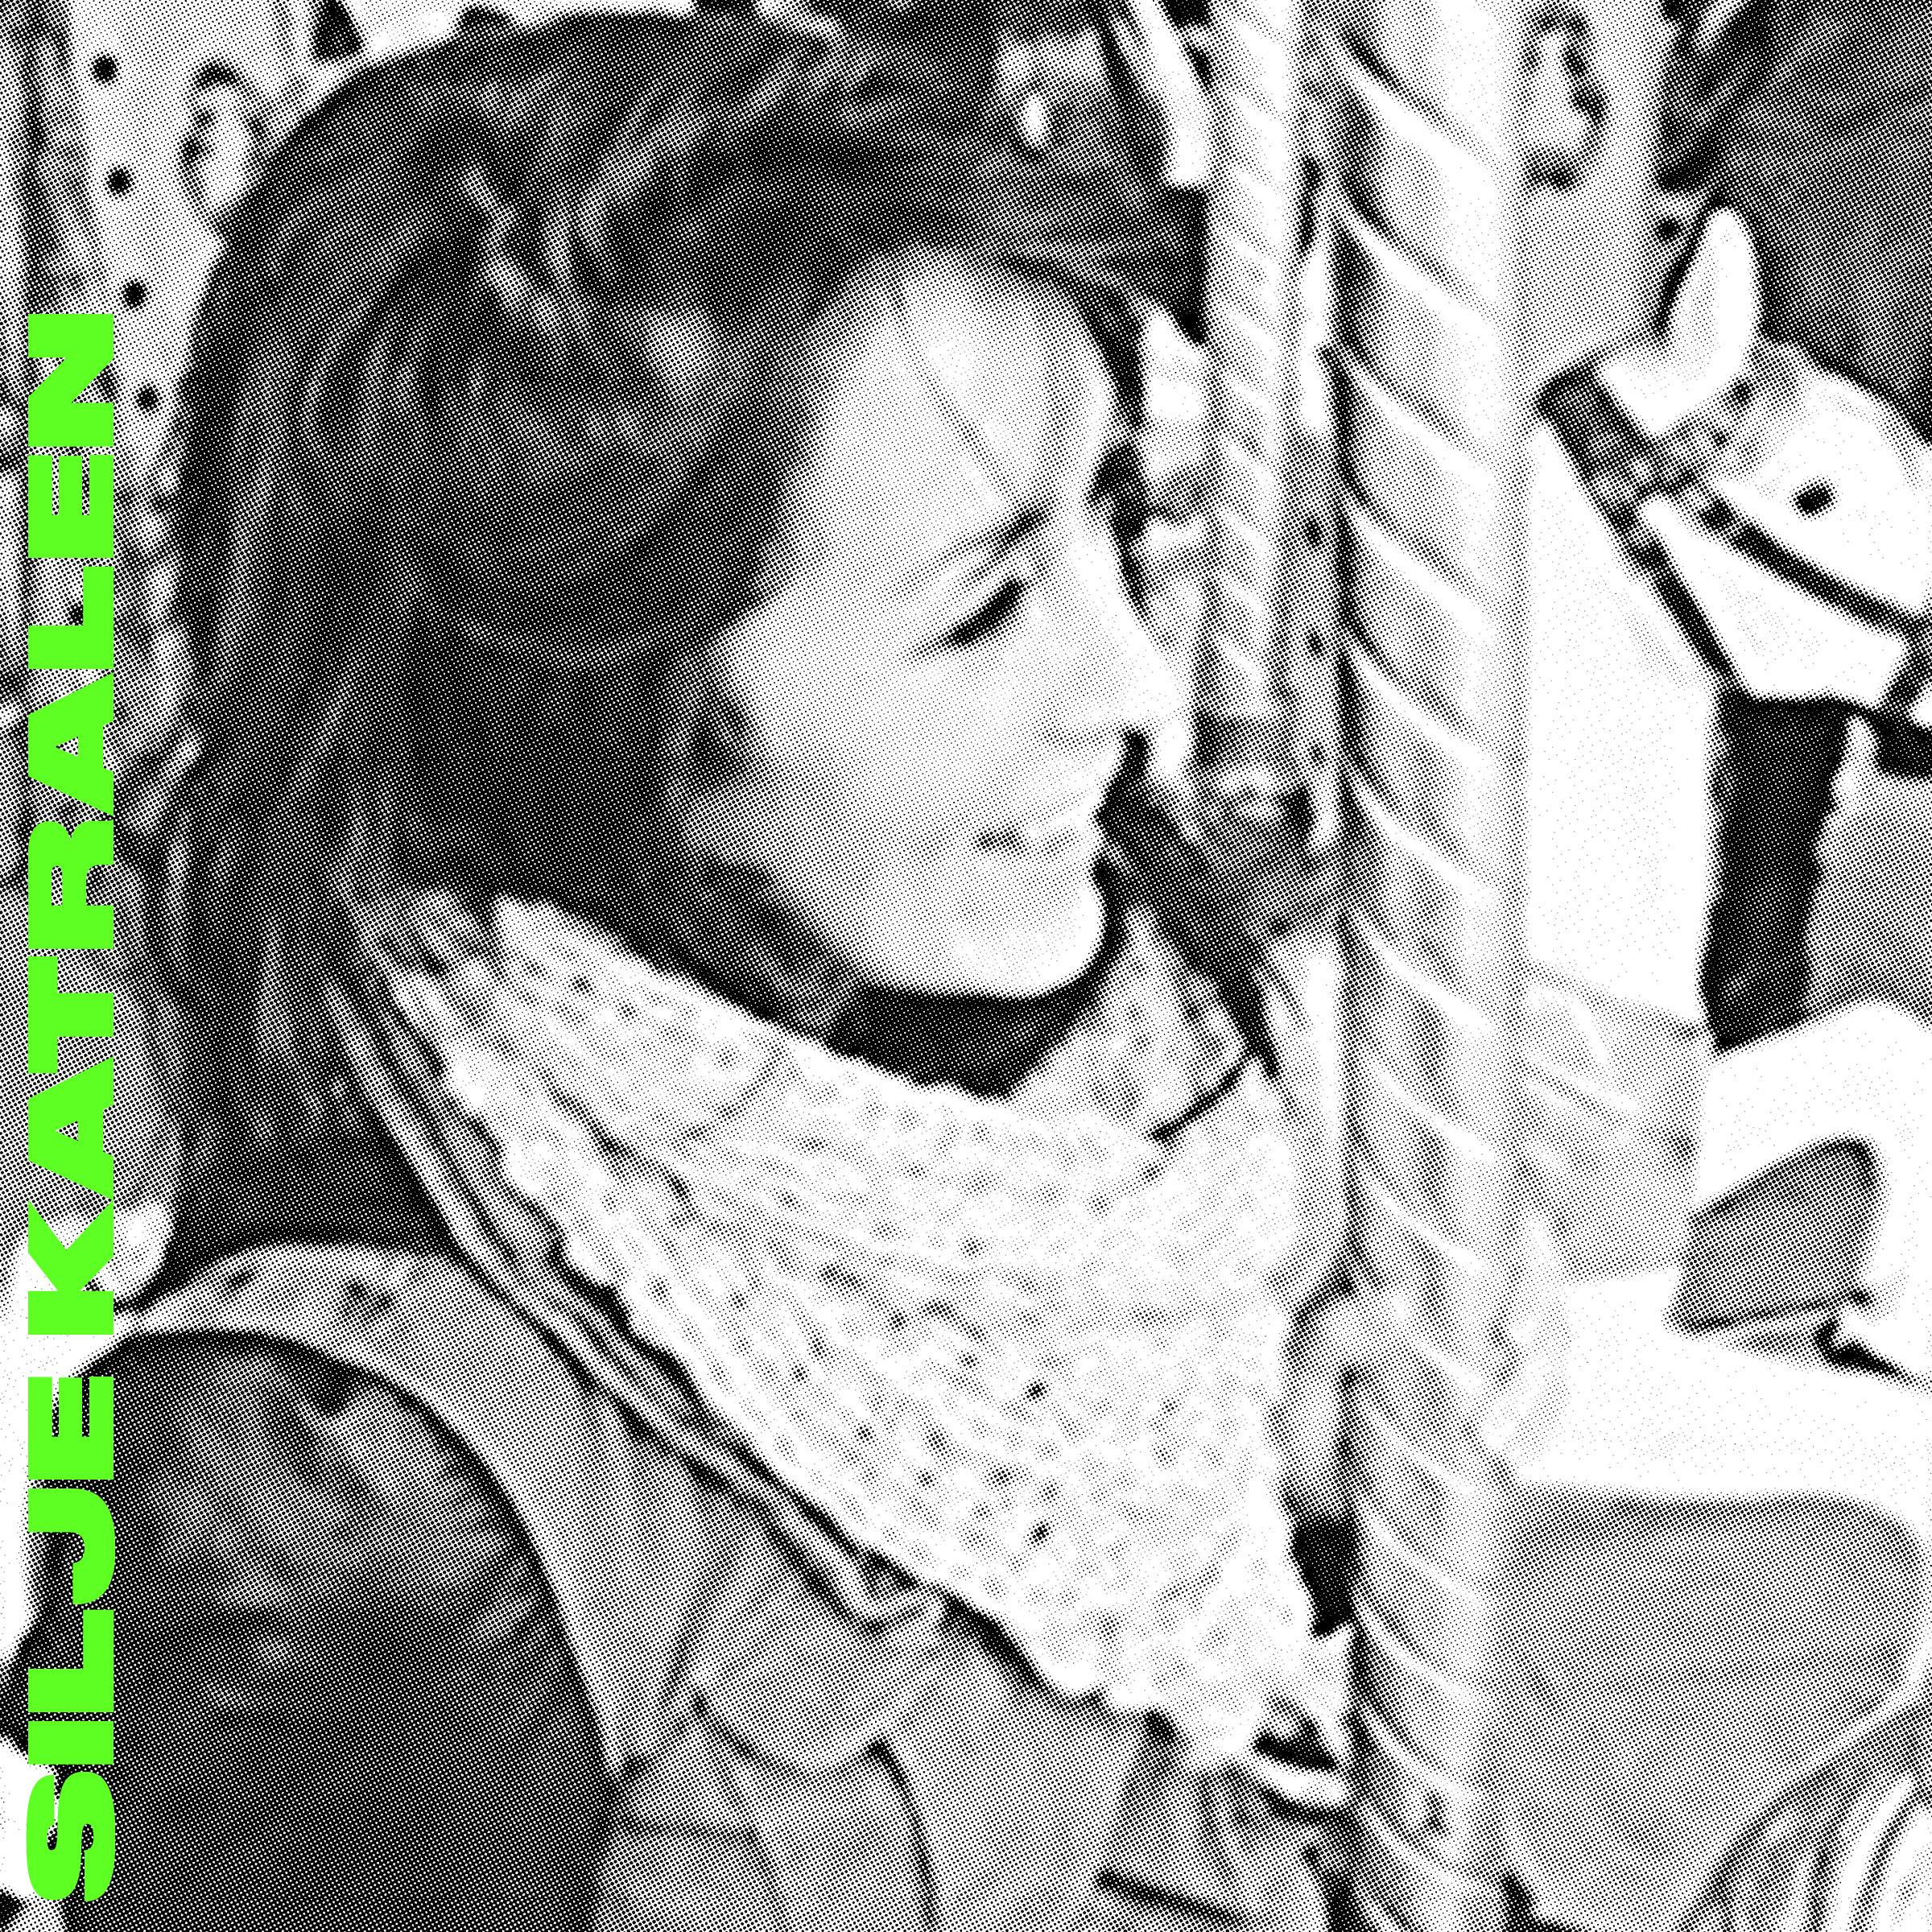 Synkronisering og merkevare  Silje Katralen er music supervisor og komponist. Hun jobber som music supervisor i musikkbyrået ohlogy og som music supervisor i snaxville productions.  Goran Obad og Silje Katralen fra musikkbyrået Ohlogy vil i dette foredraget diskutere hvordan synkronisering av musikk påvirker artisters merkevare. Er det slik at en plassering i en TV-serie, film, eller spill alltid er bra? Goran og Silje vil under dette seminaret se på hvordan du som artist kan gjøre de riktige valgene for å øke verdien på din merkevare.   'Synkronisering og merkevare med Ohlogy' er et foredrag av Goran Obad og Silje Katralen